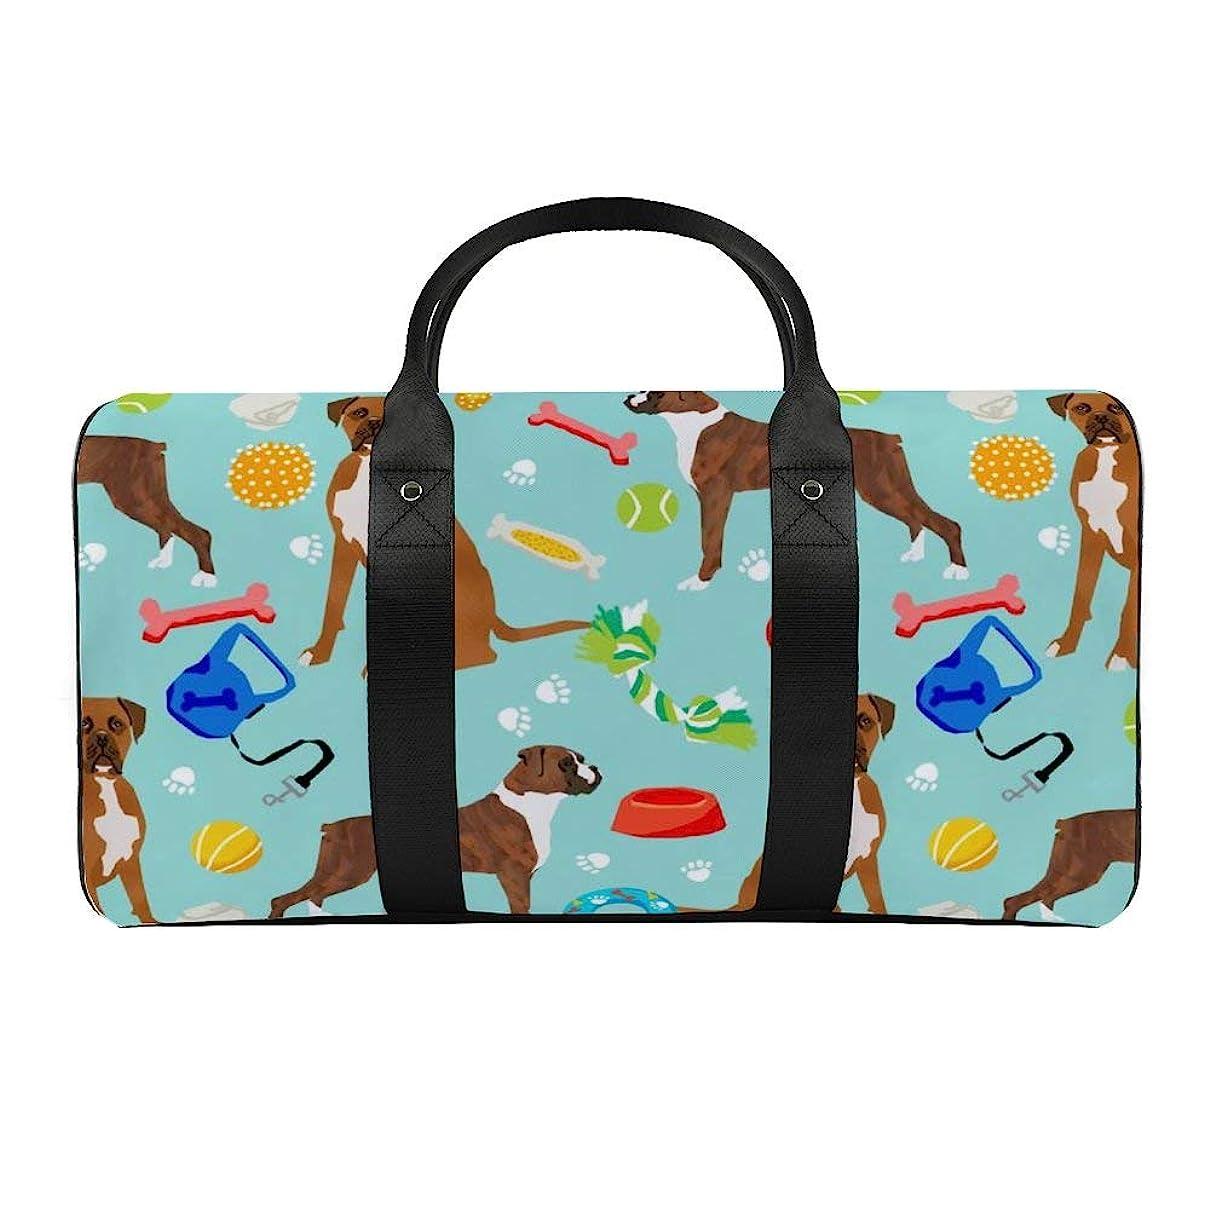 工業用アナログ確認するボクサーおもちゃミント1 旅行バッグナイロンハンドバッグ大容量軽量多機能荷物ポーチフィットネスバッグユニセックス旅行ビジネス通勤旅行スーツケースポーチ収納バッグ